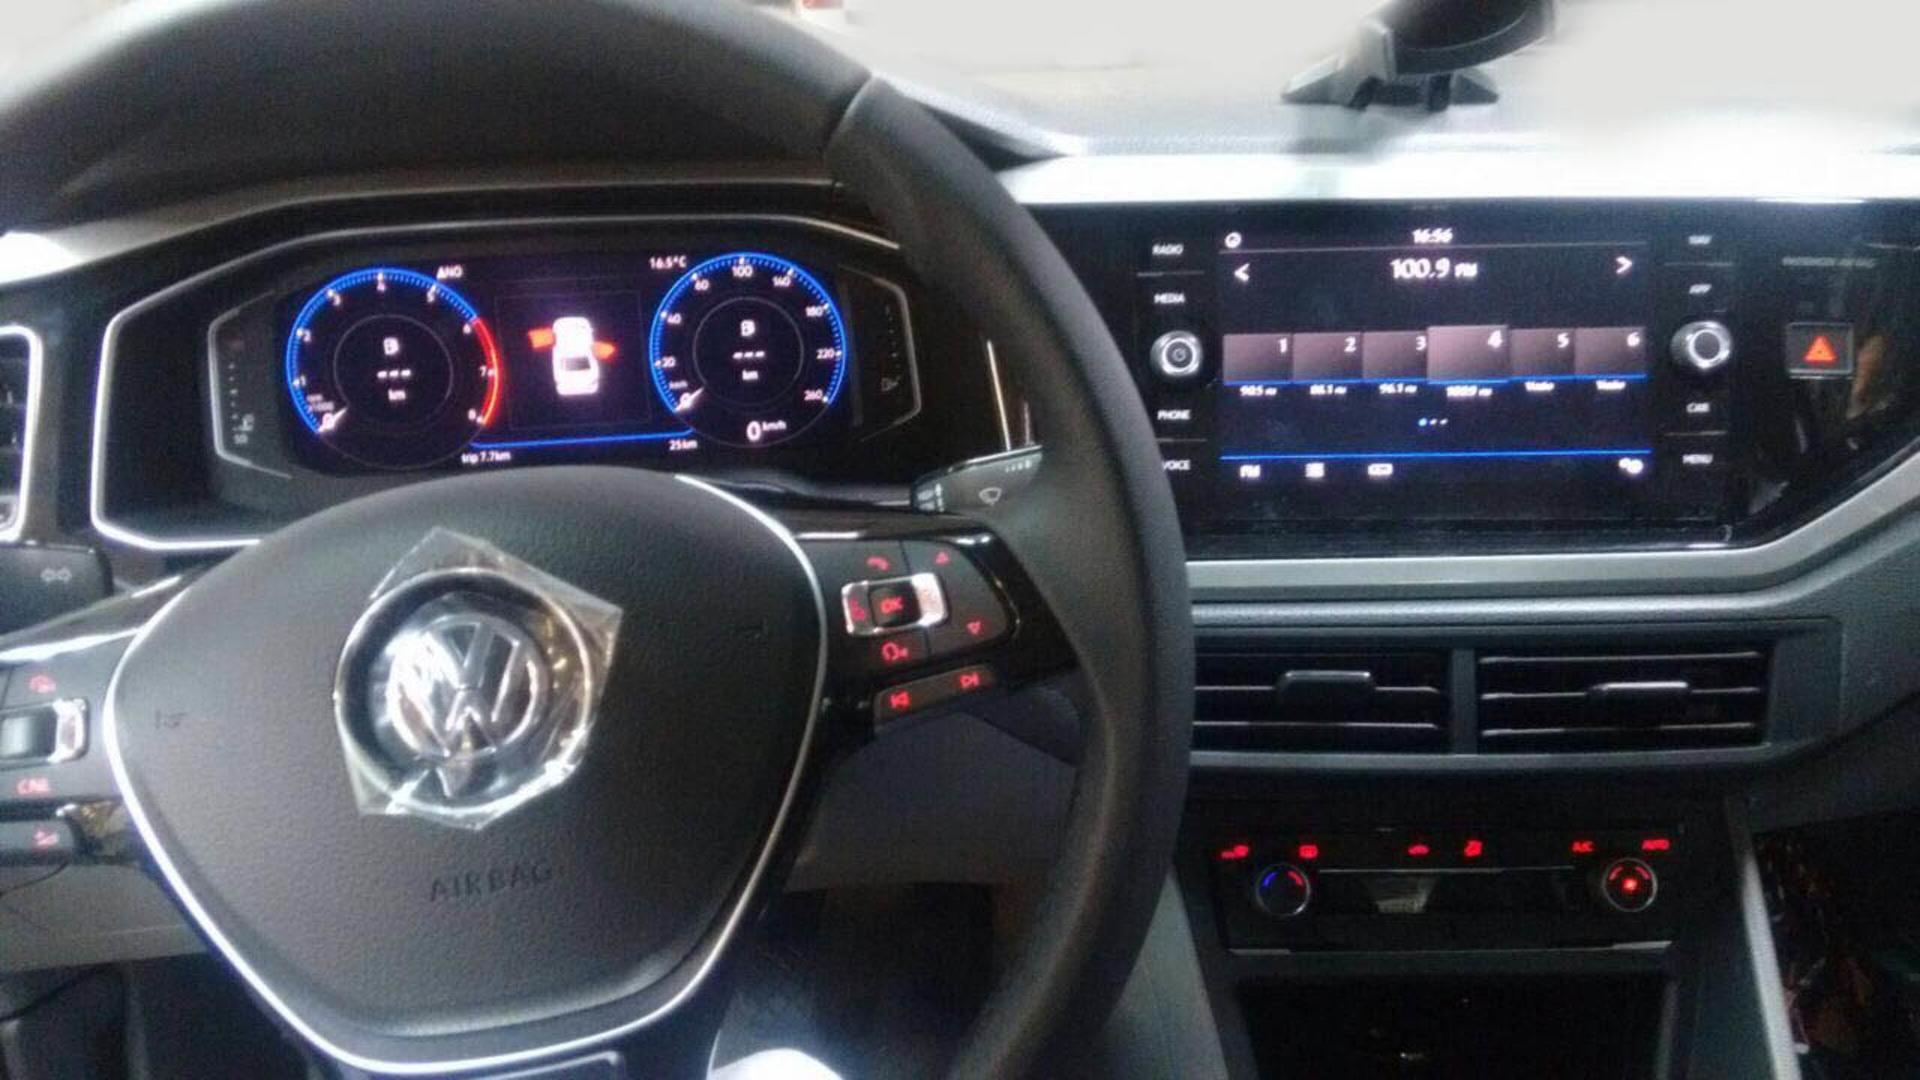 Volkswagen Virtus 2019, Vento Polo sedán 2019 - interior pantalla touch